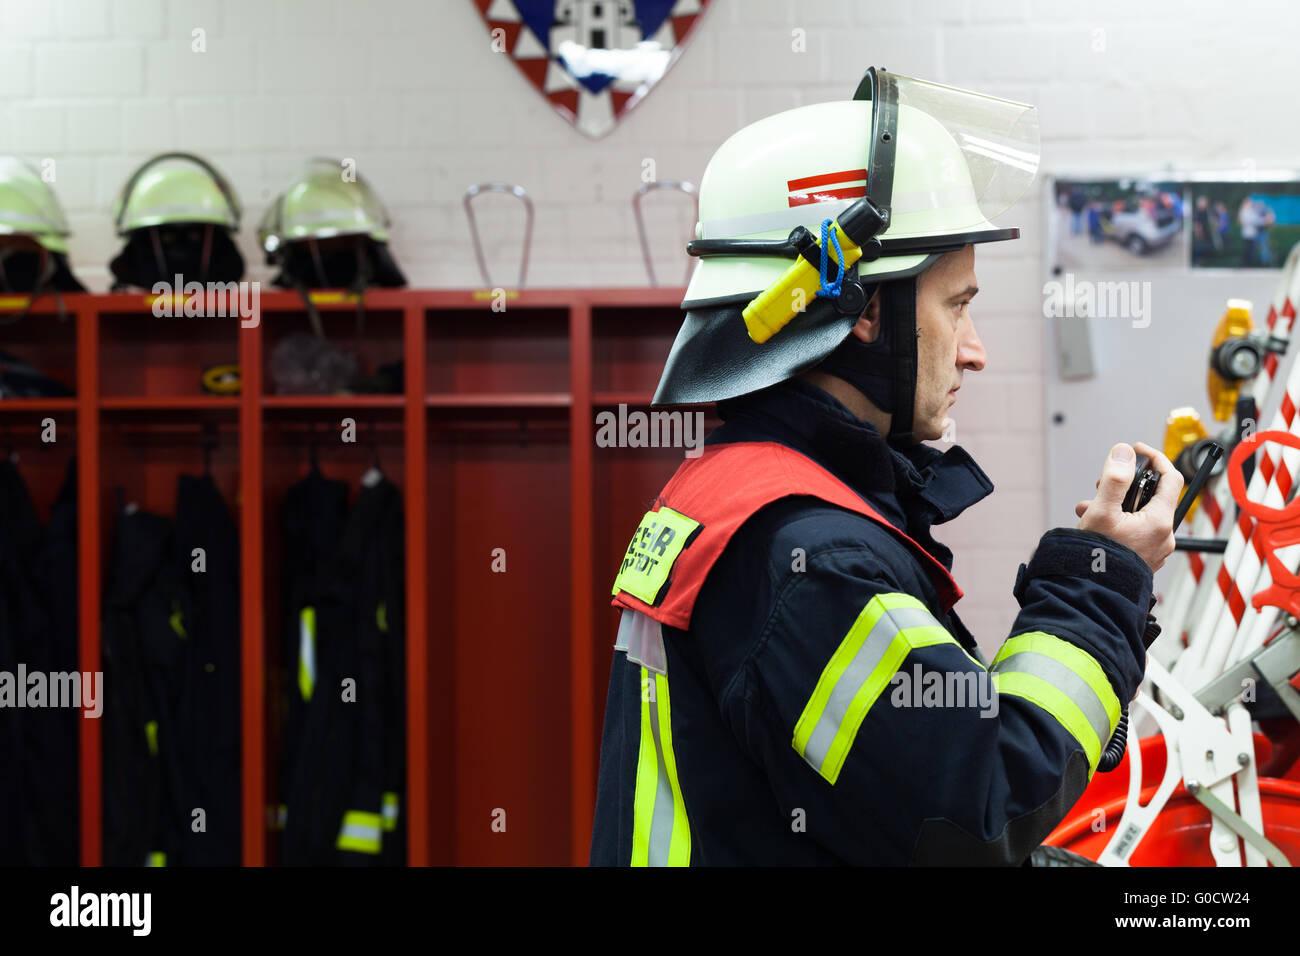 Feuerwehrmann bei der Feuerwehr mit Radio. Stockbild